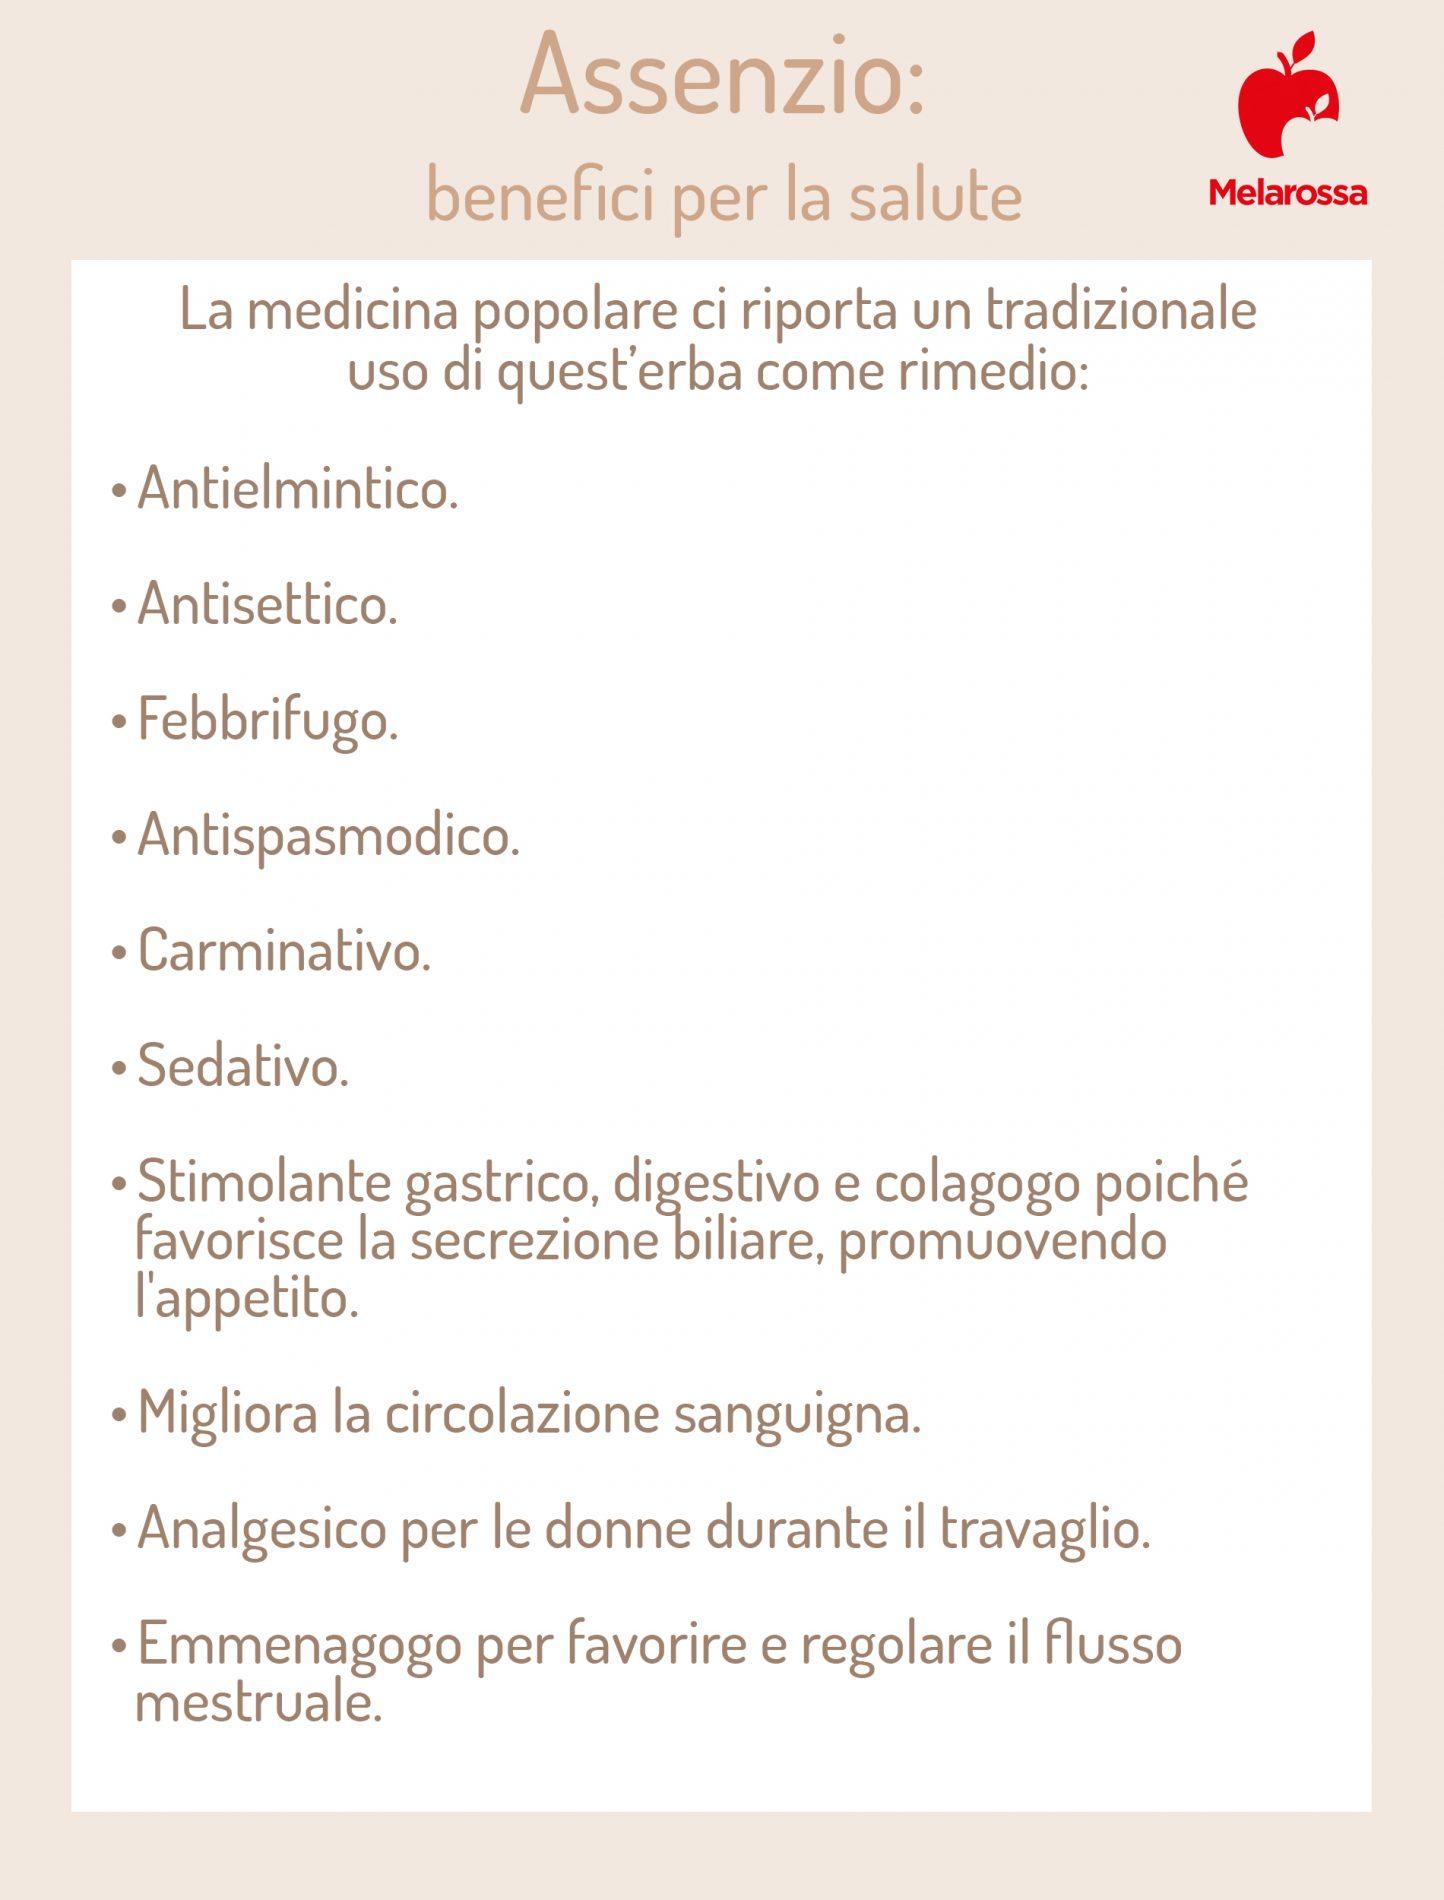 assenzio: benefici per la salute